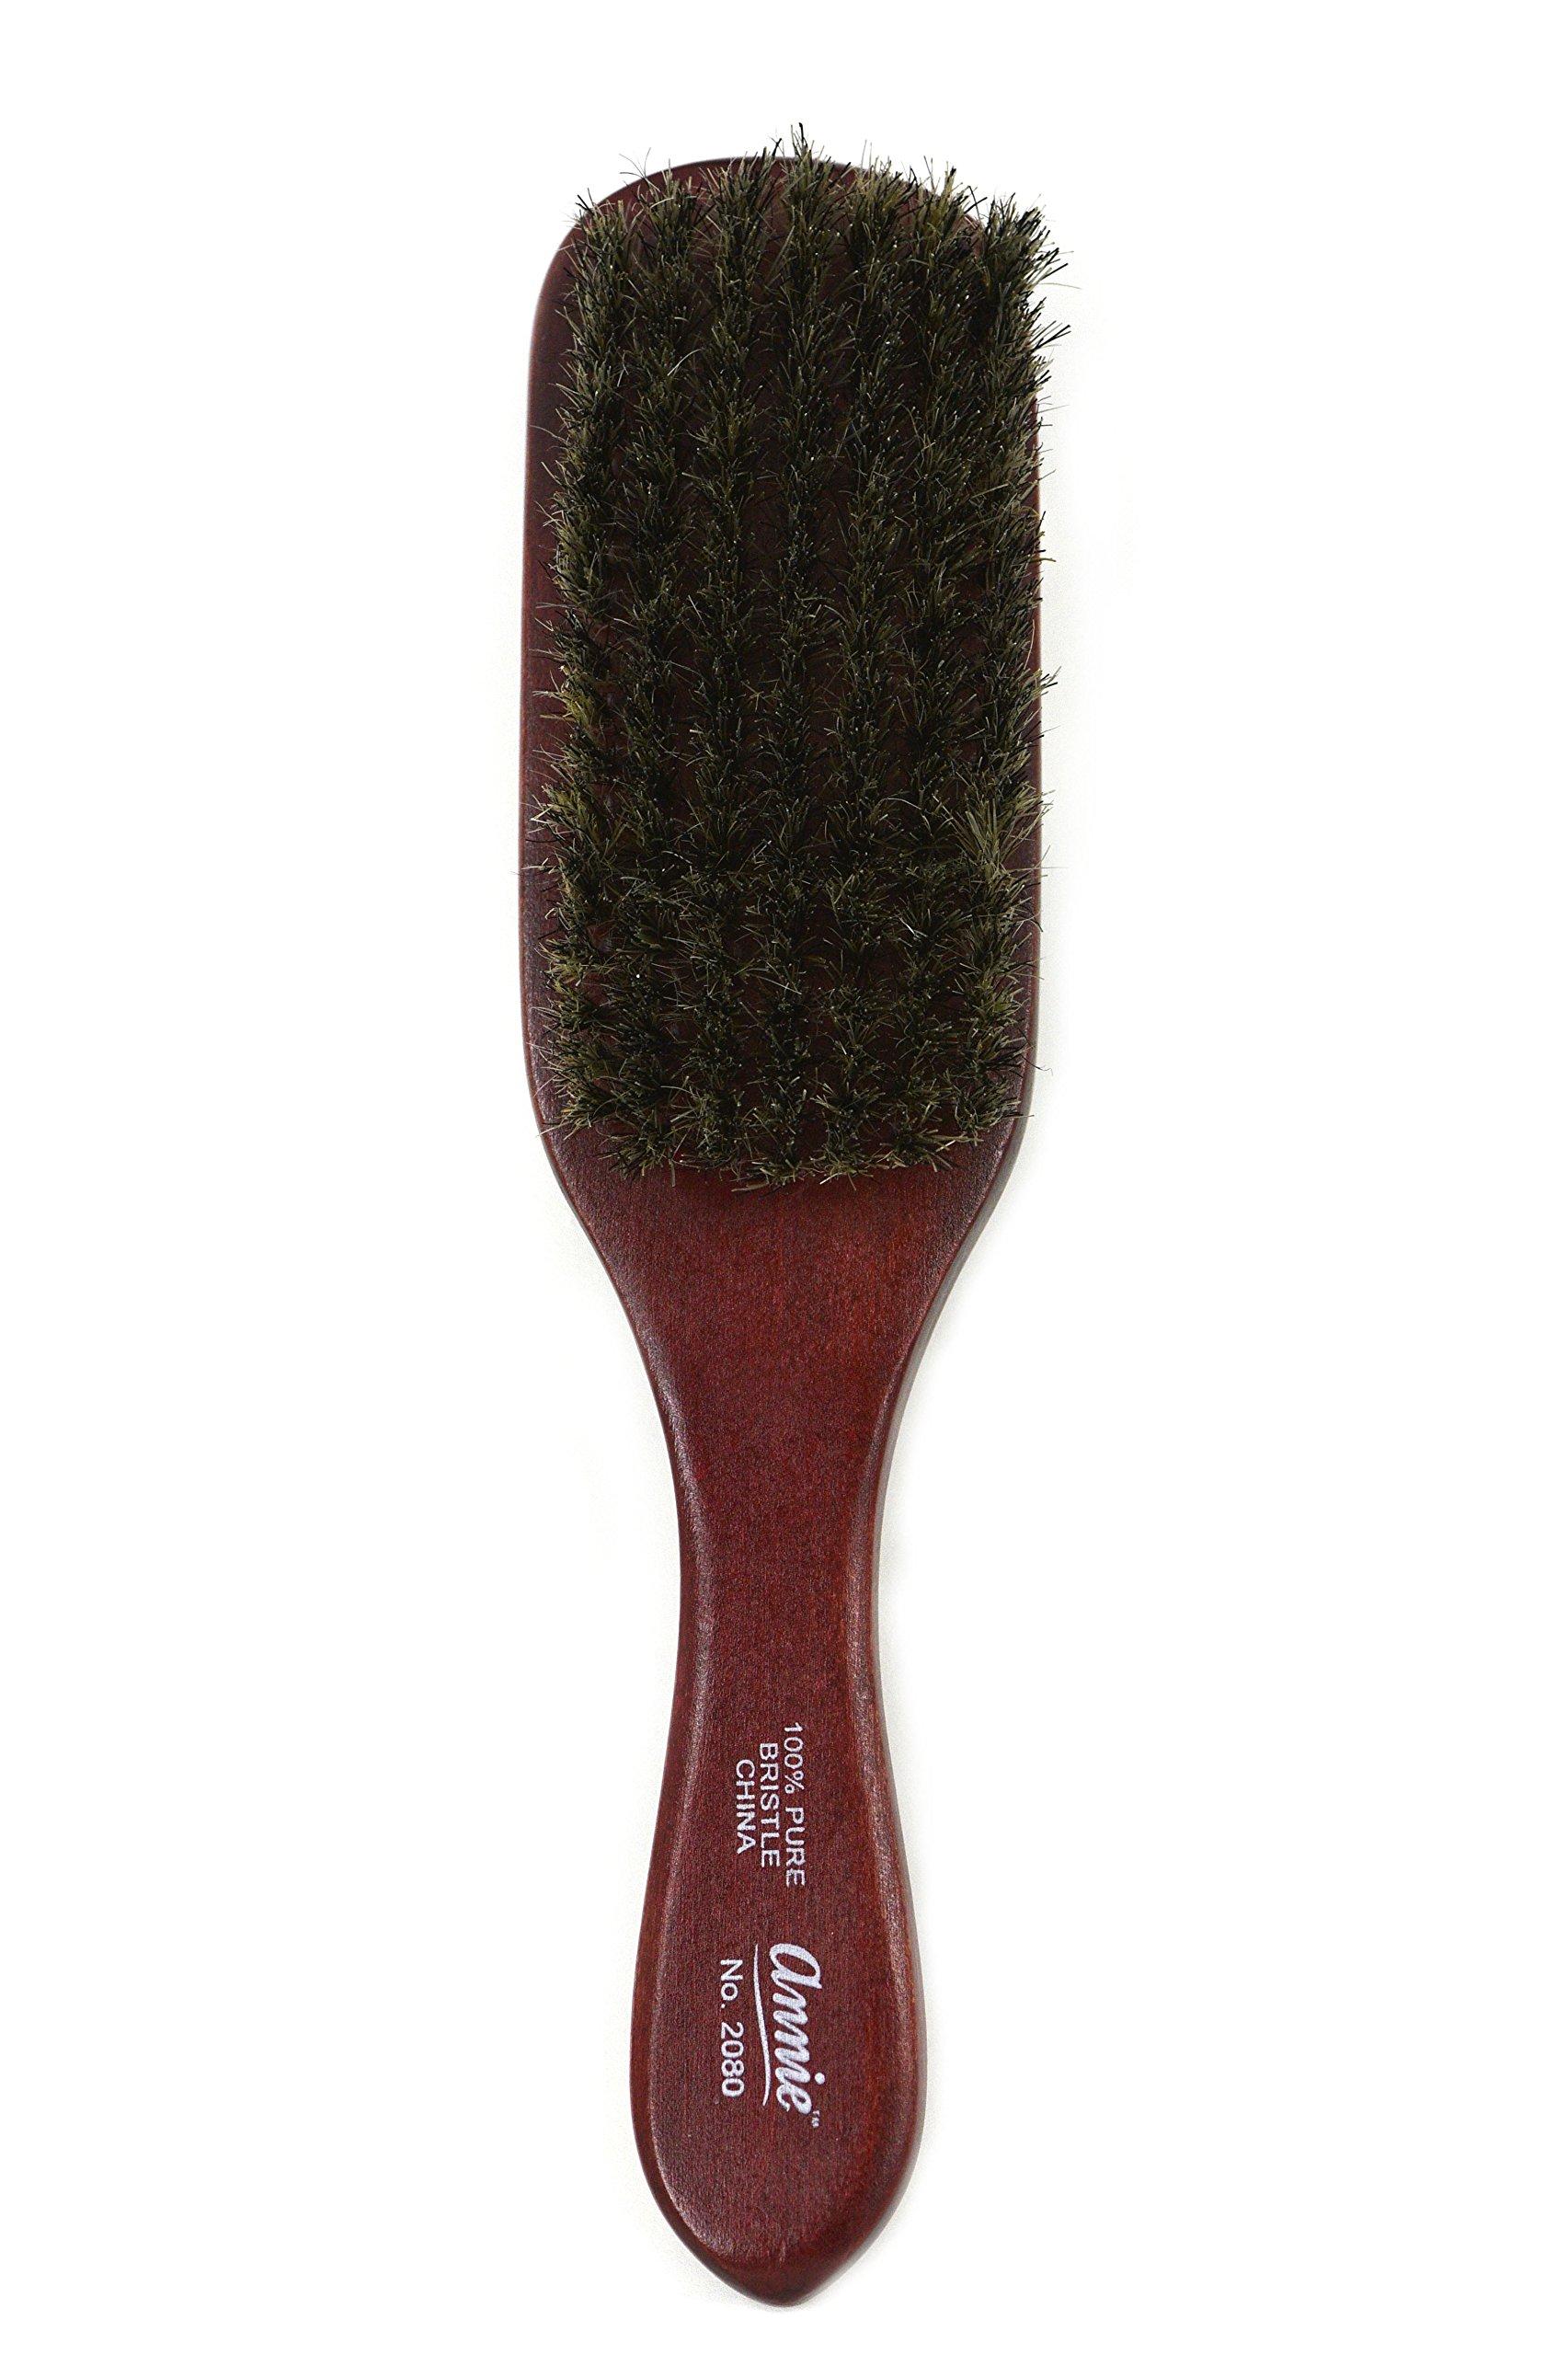 SOFT 100% PURE BOAR BRISTLE WAVE HAIR BRUSH DURAG MAN by Annie